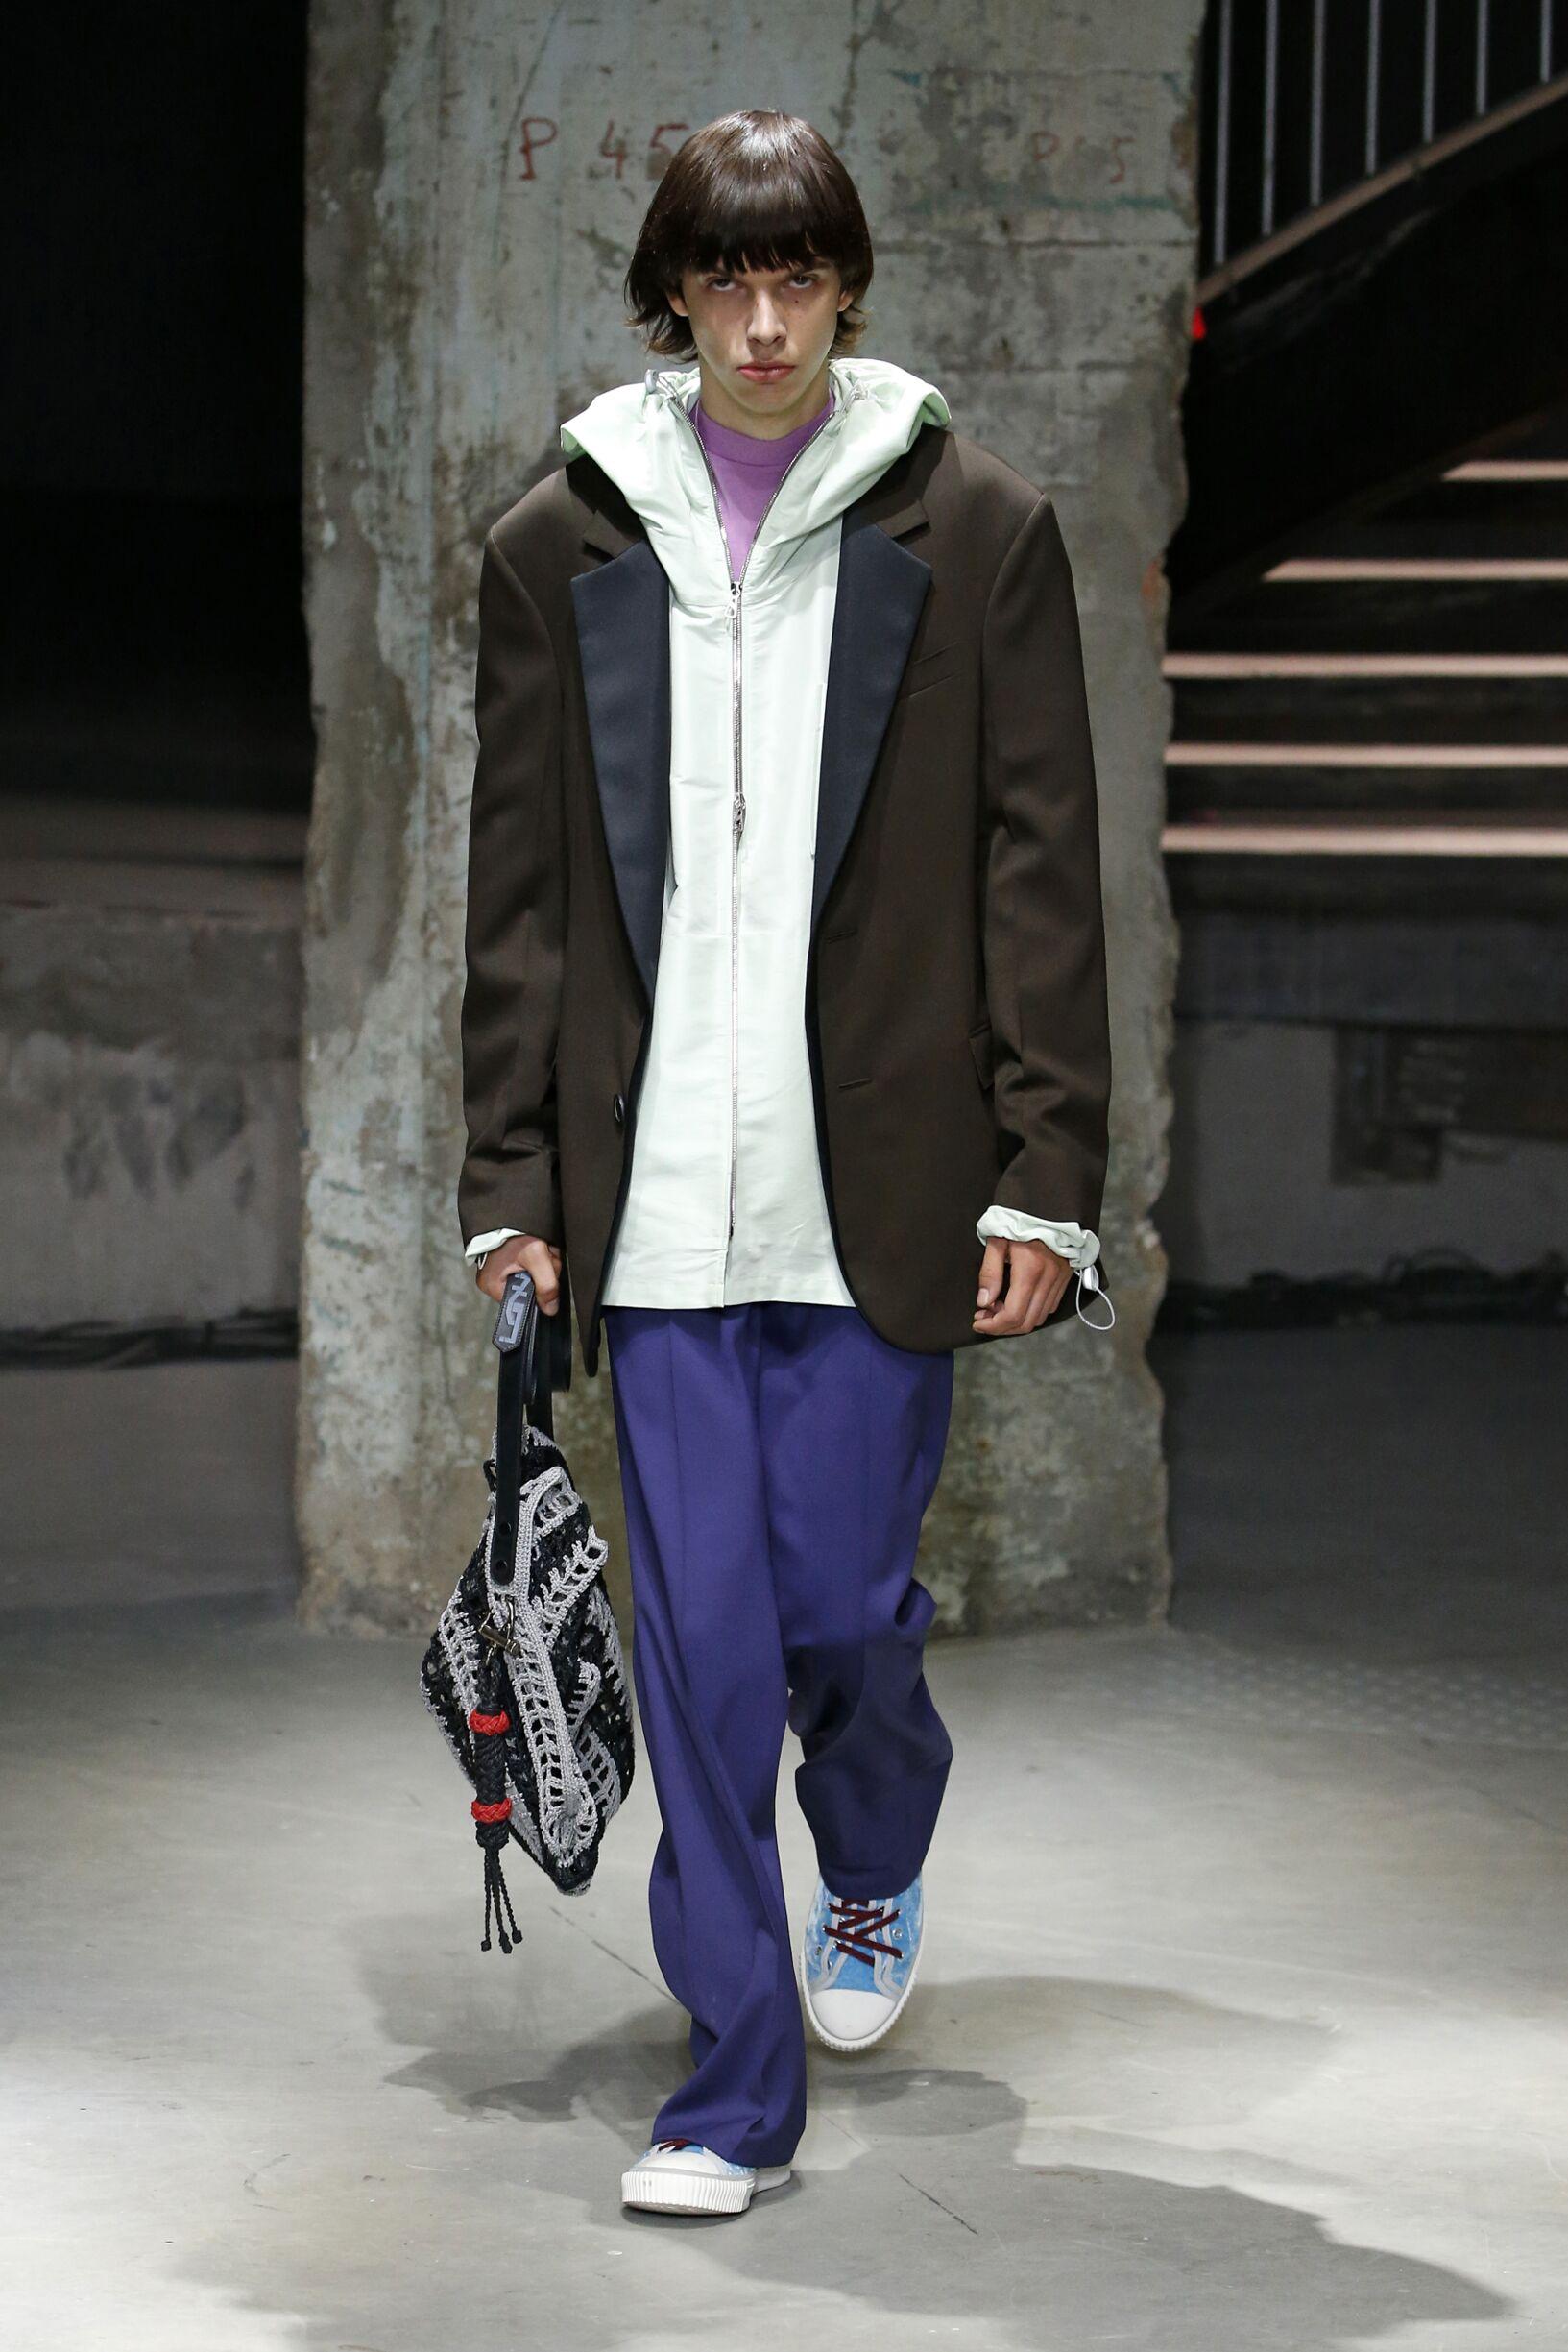 SS 2019 Fashion Show Lanvin